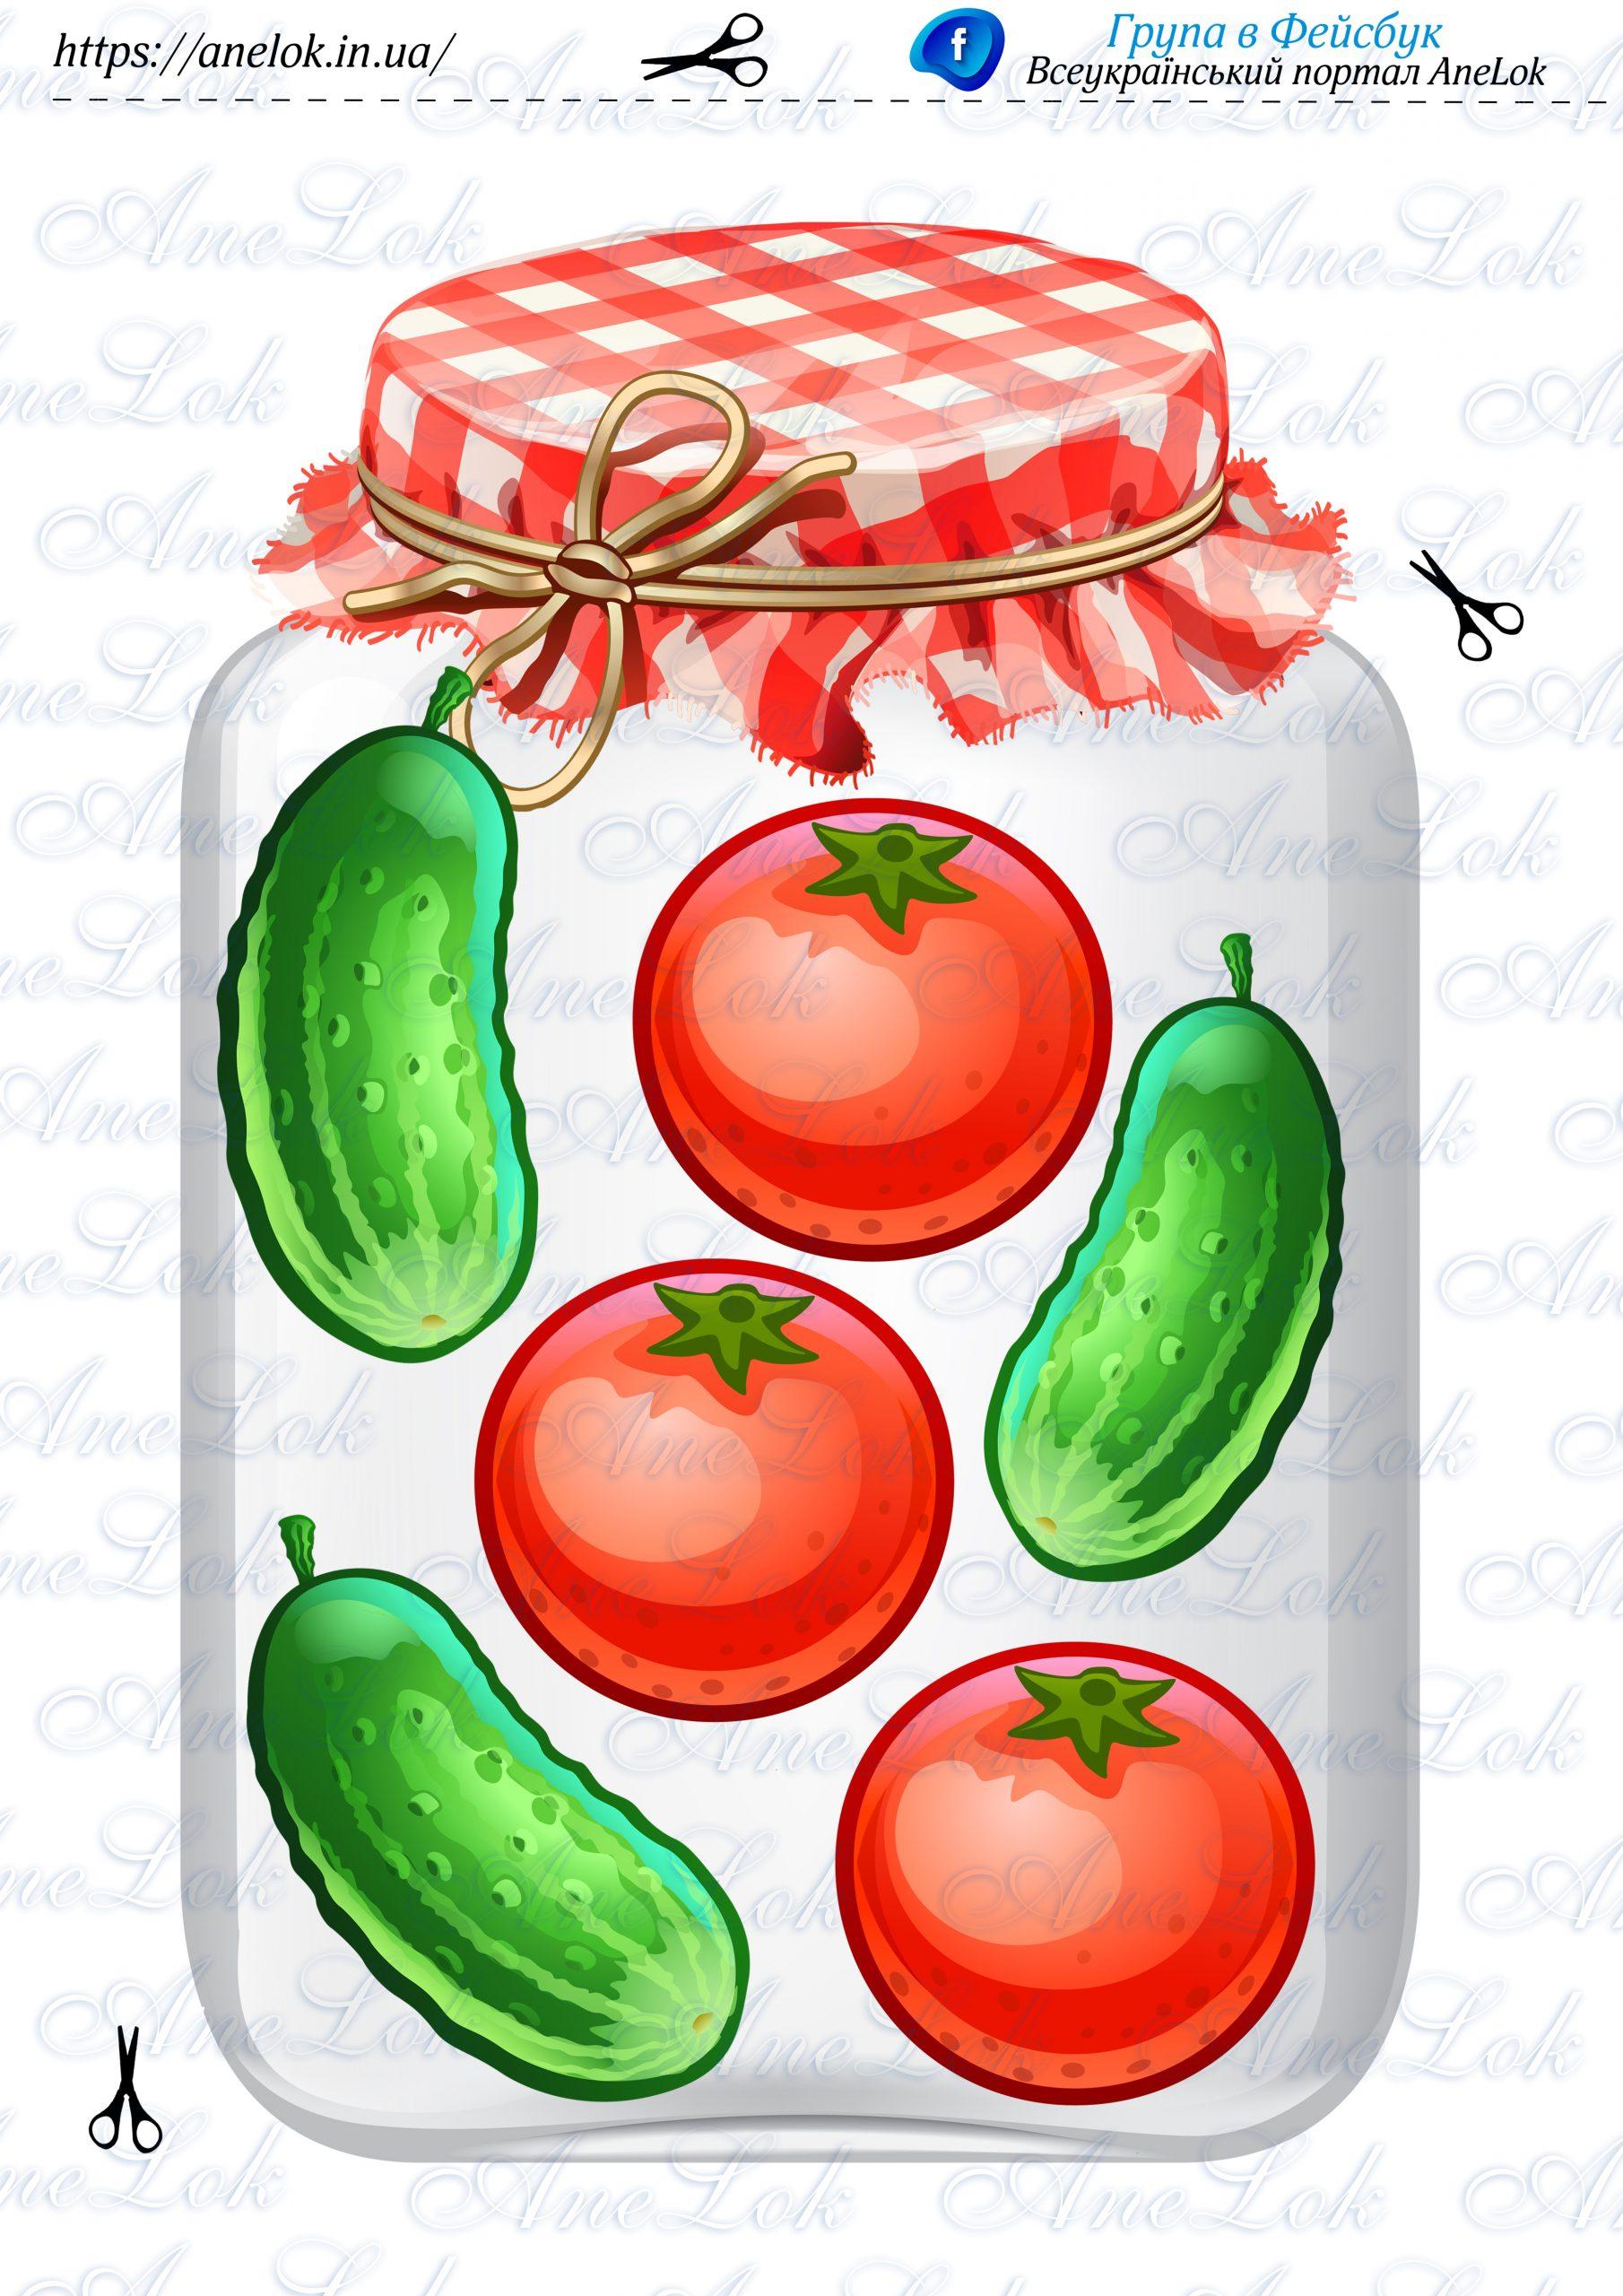 Шаблон для аплікації Консервуємо помідори та огірки – AneLok  Скарбничка вихователя